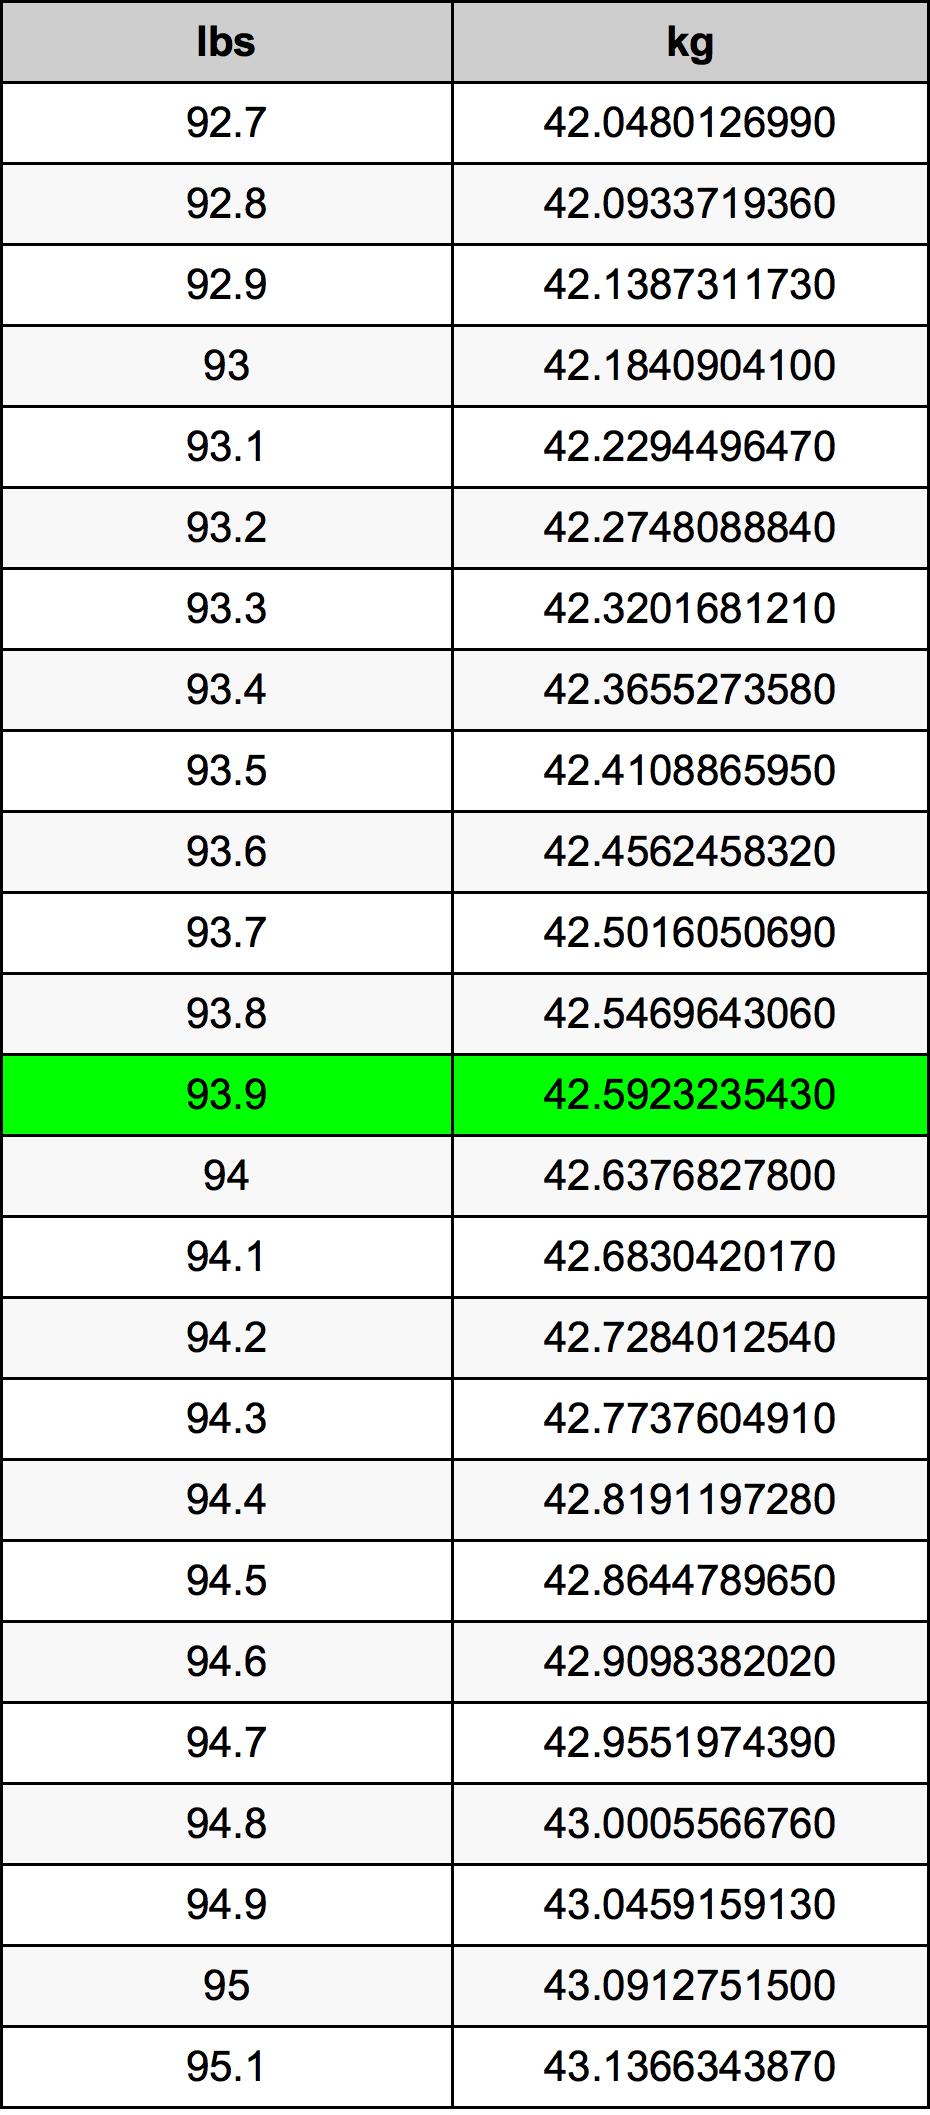 93.9 Libbra tabella di conversione